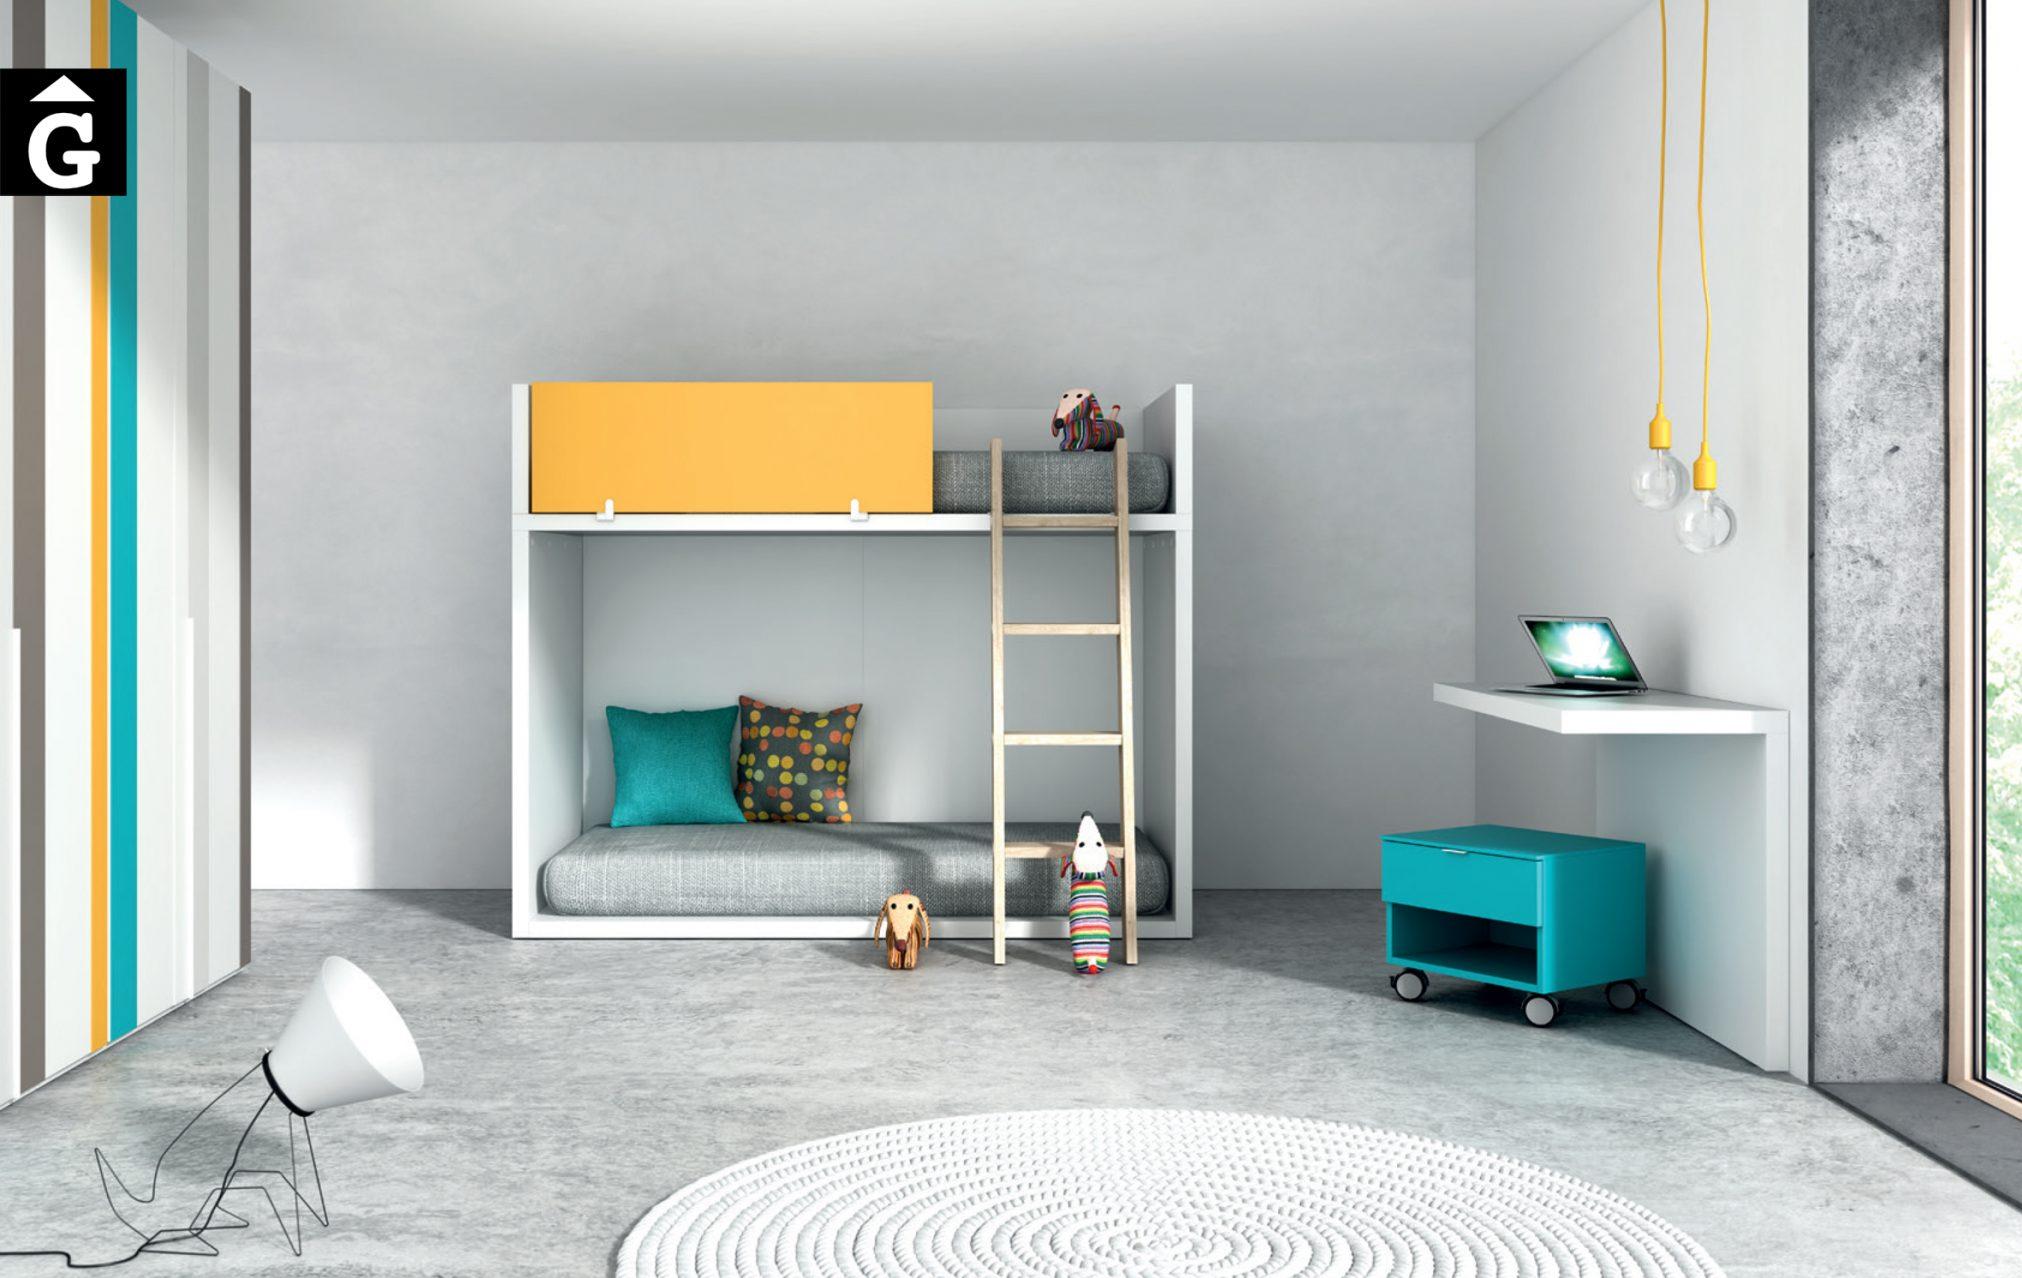 30 QB Tegar by Mobles GIFREU Girona modern minim elegant atemporal